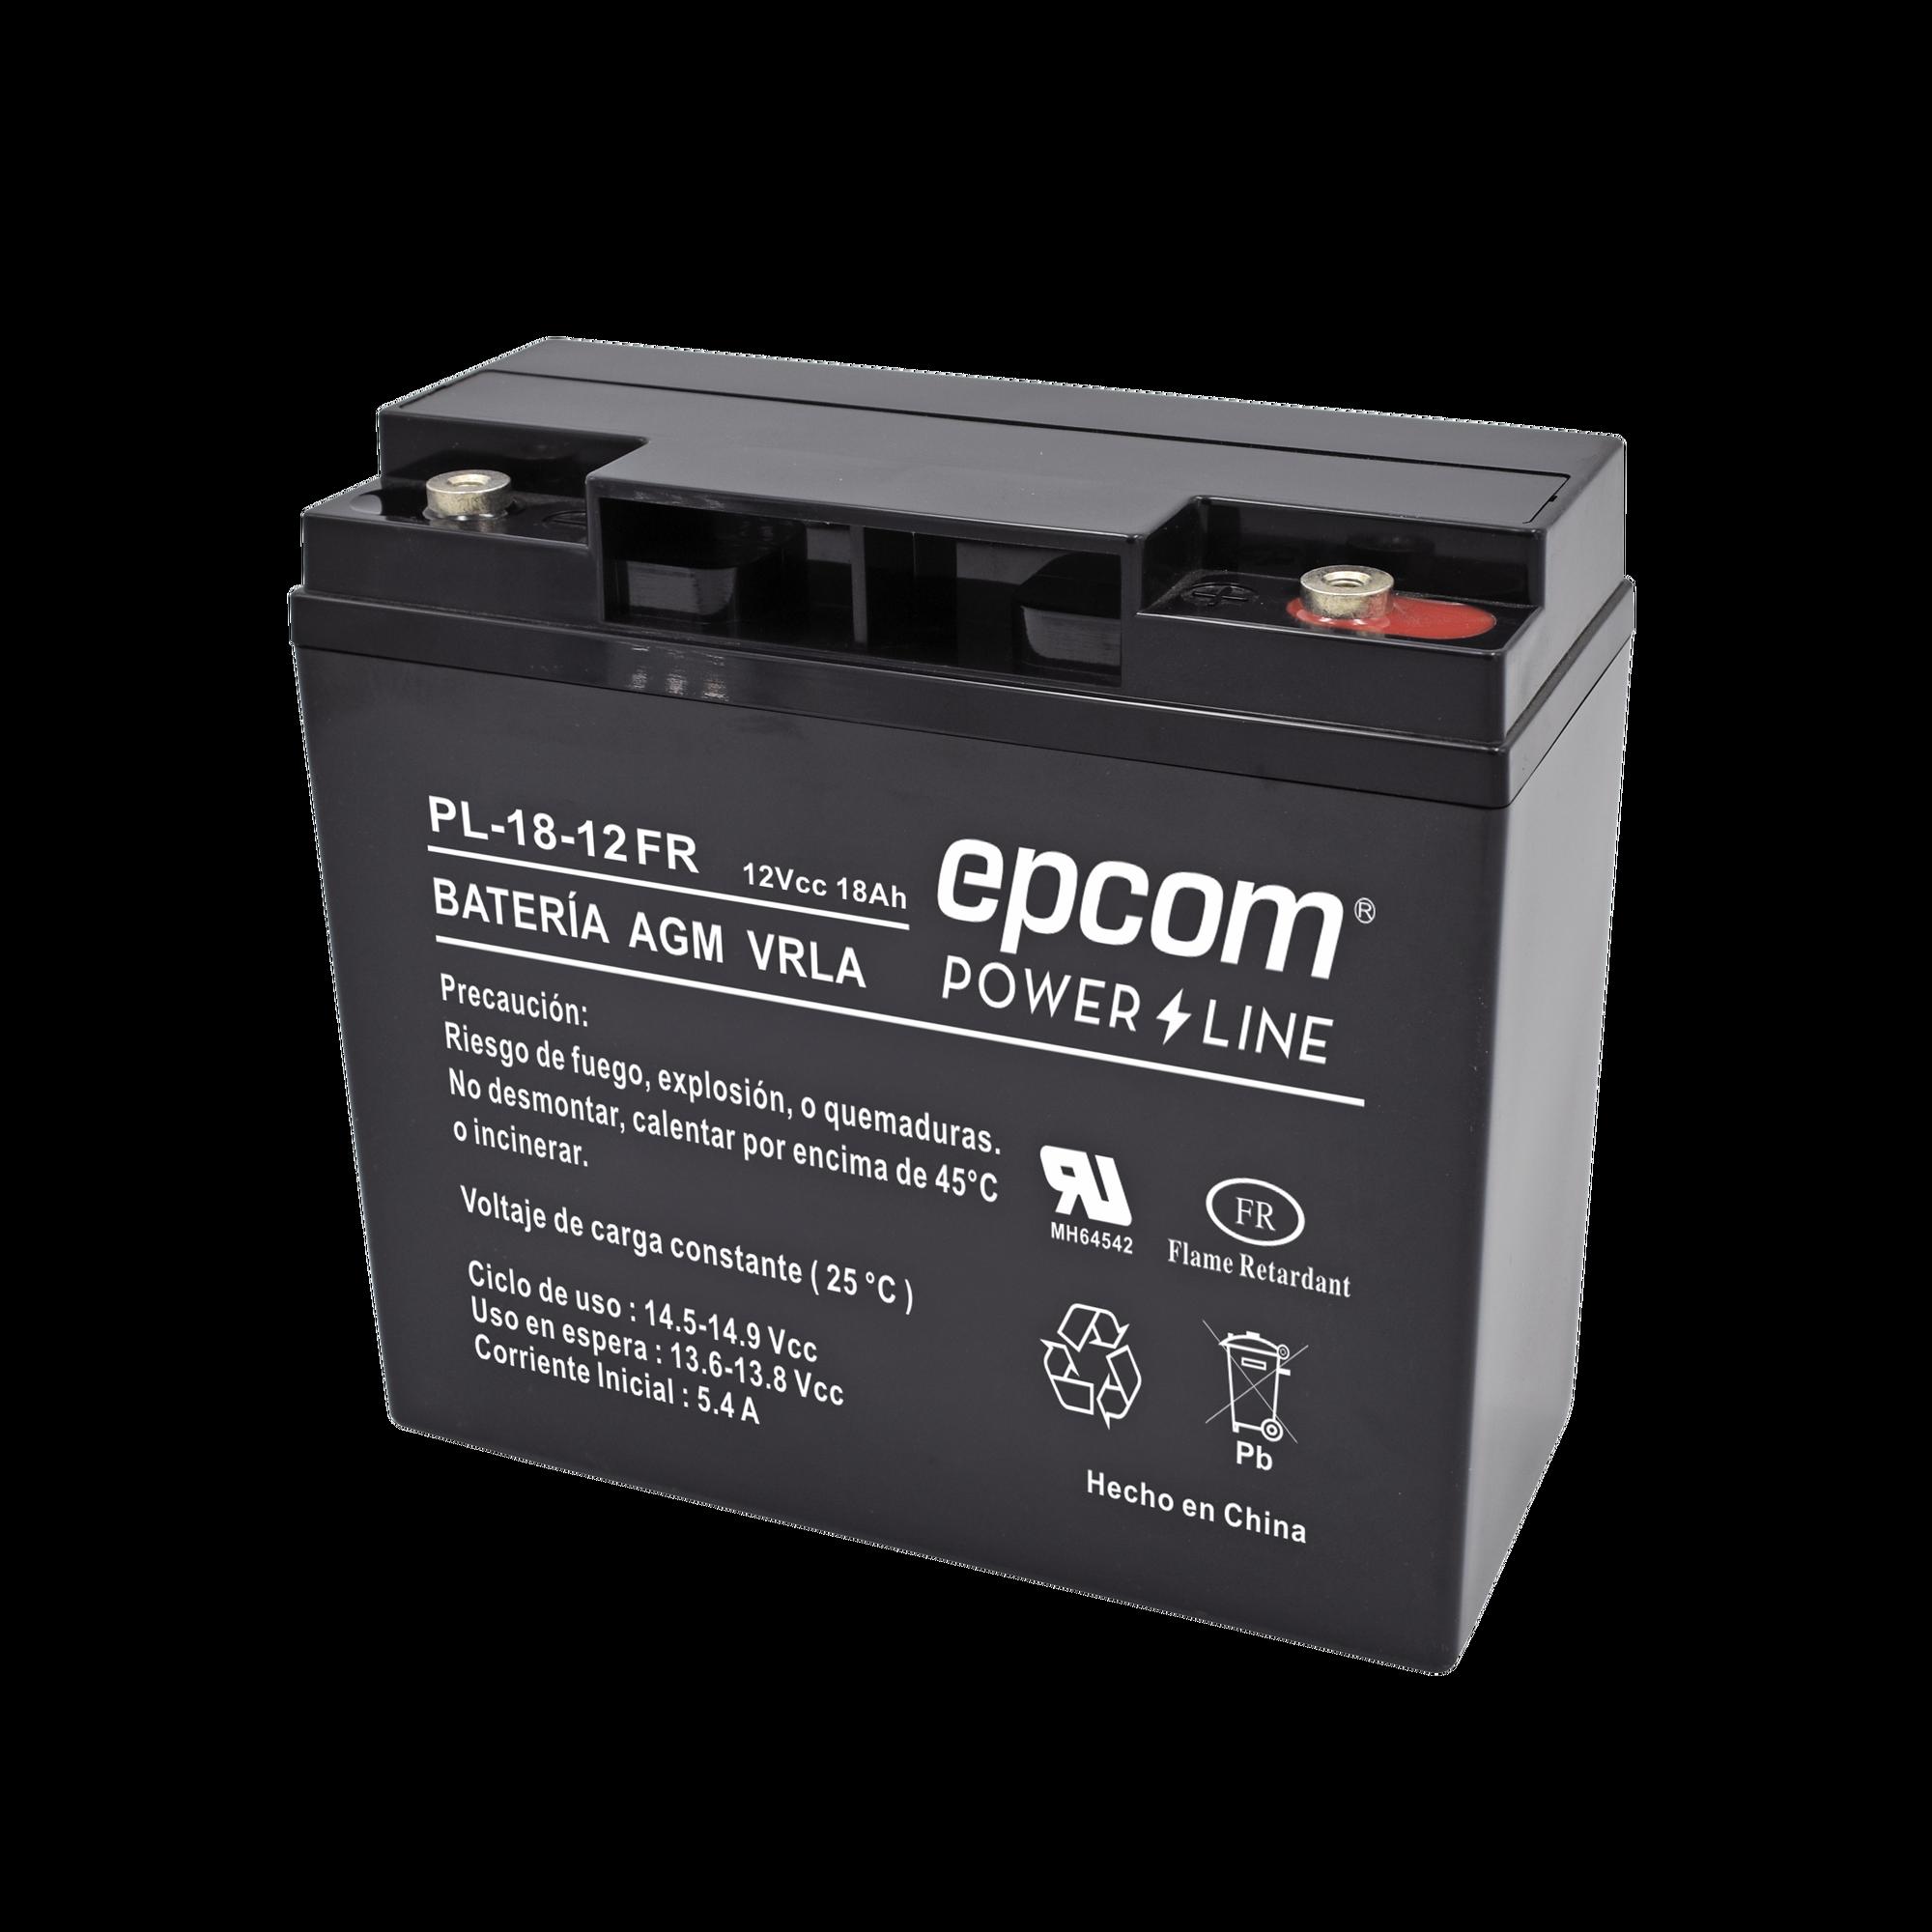 Batería con Tecnología AGM / VRLA, 12 Vcd, 18 Ah. terminal de tornillo HEX ( RETARDANTE A LA FLAMA)